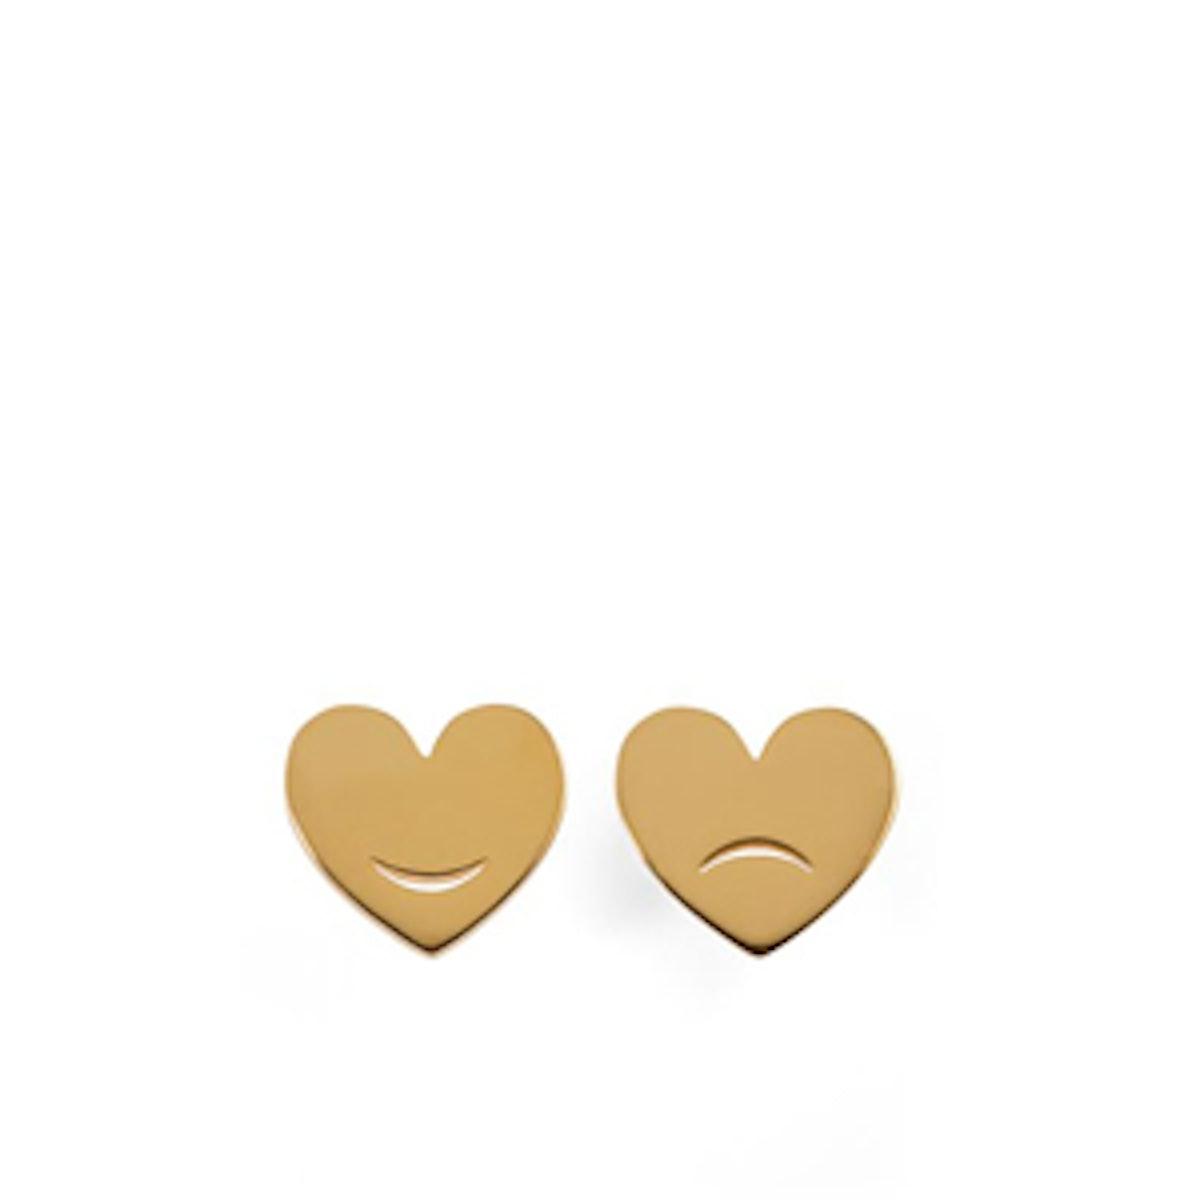 18K Goldies Pin Set